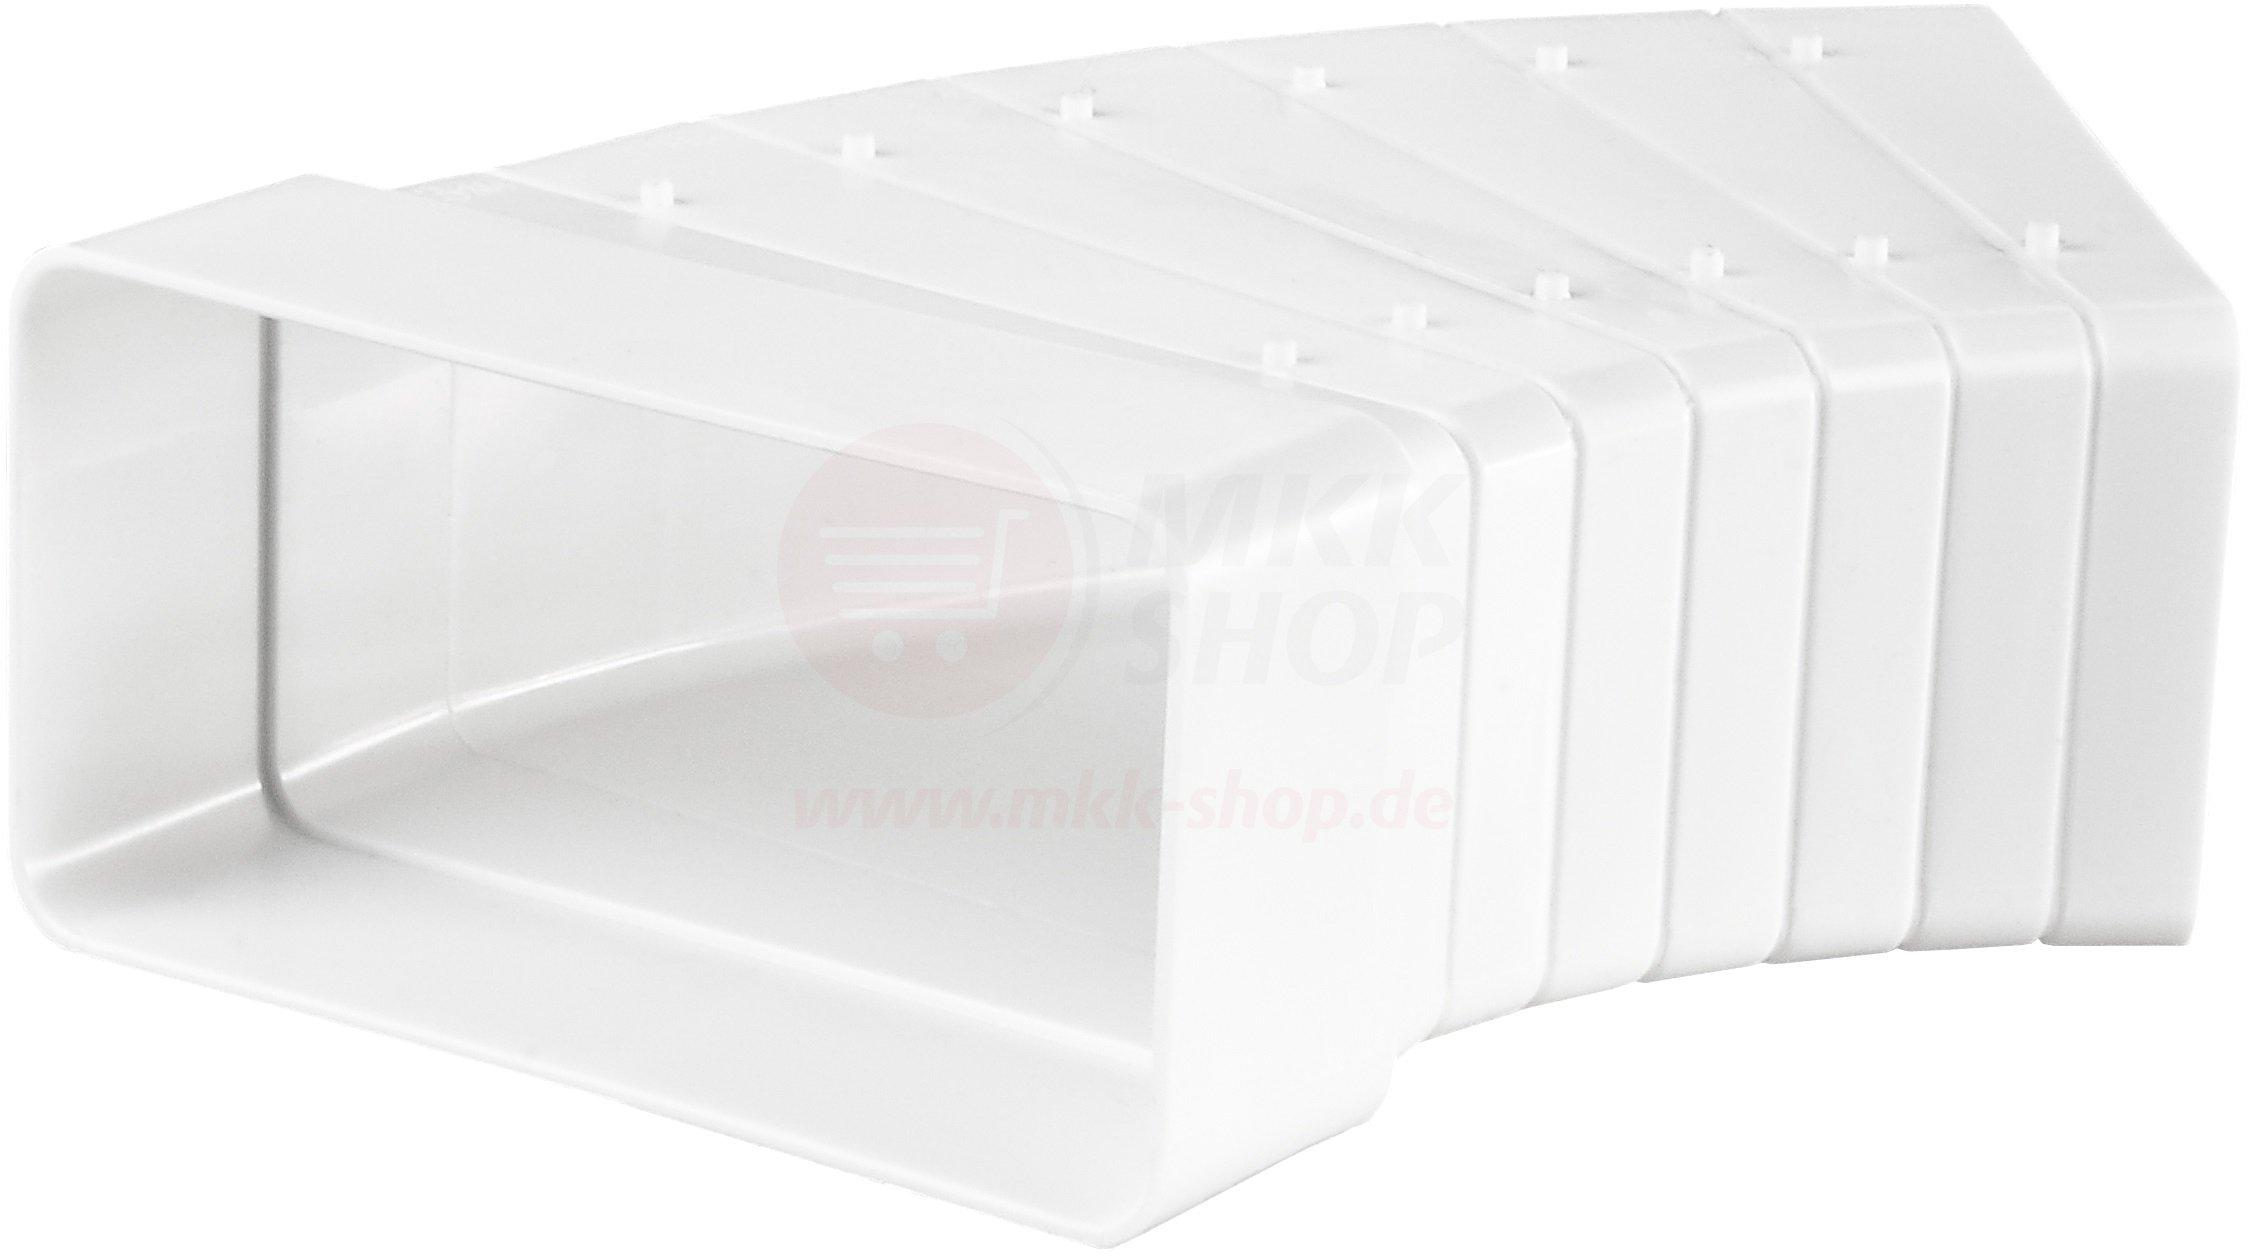 Piatto canale 55x 110mm Arco 3° 11° 18° 26° 33° 41° 48° tubo di ventilazione tubo canali pa